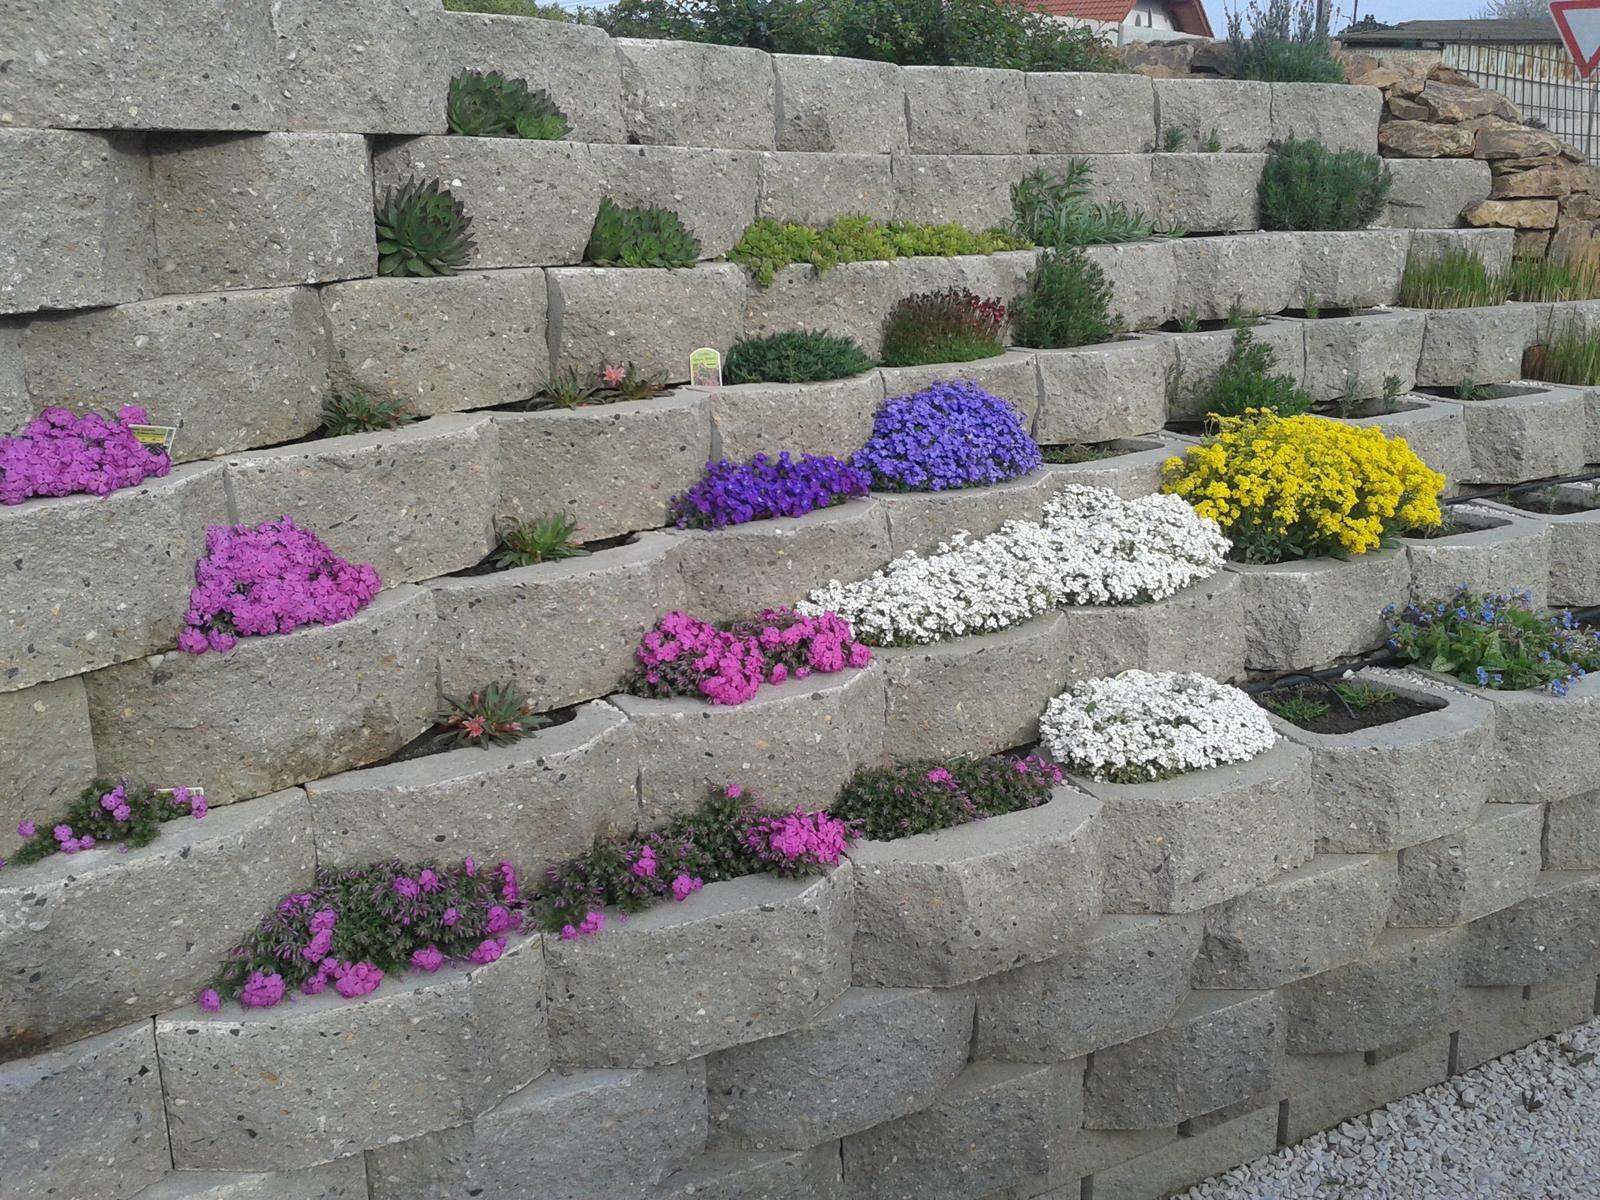 07 Vegetačný oporný múr sa na jar prebúdza ( rozšírené 19.6.2020 ) - 2014 - prvá neskoršia jar po dokončení